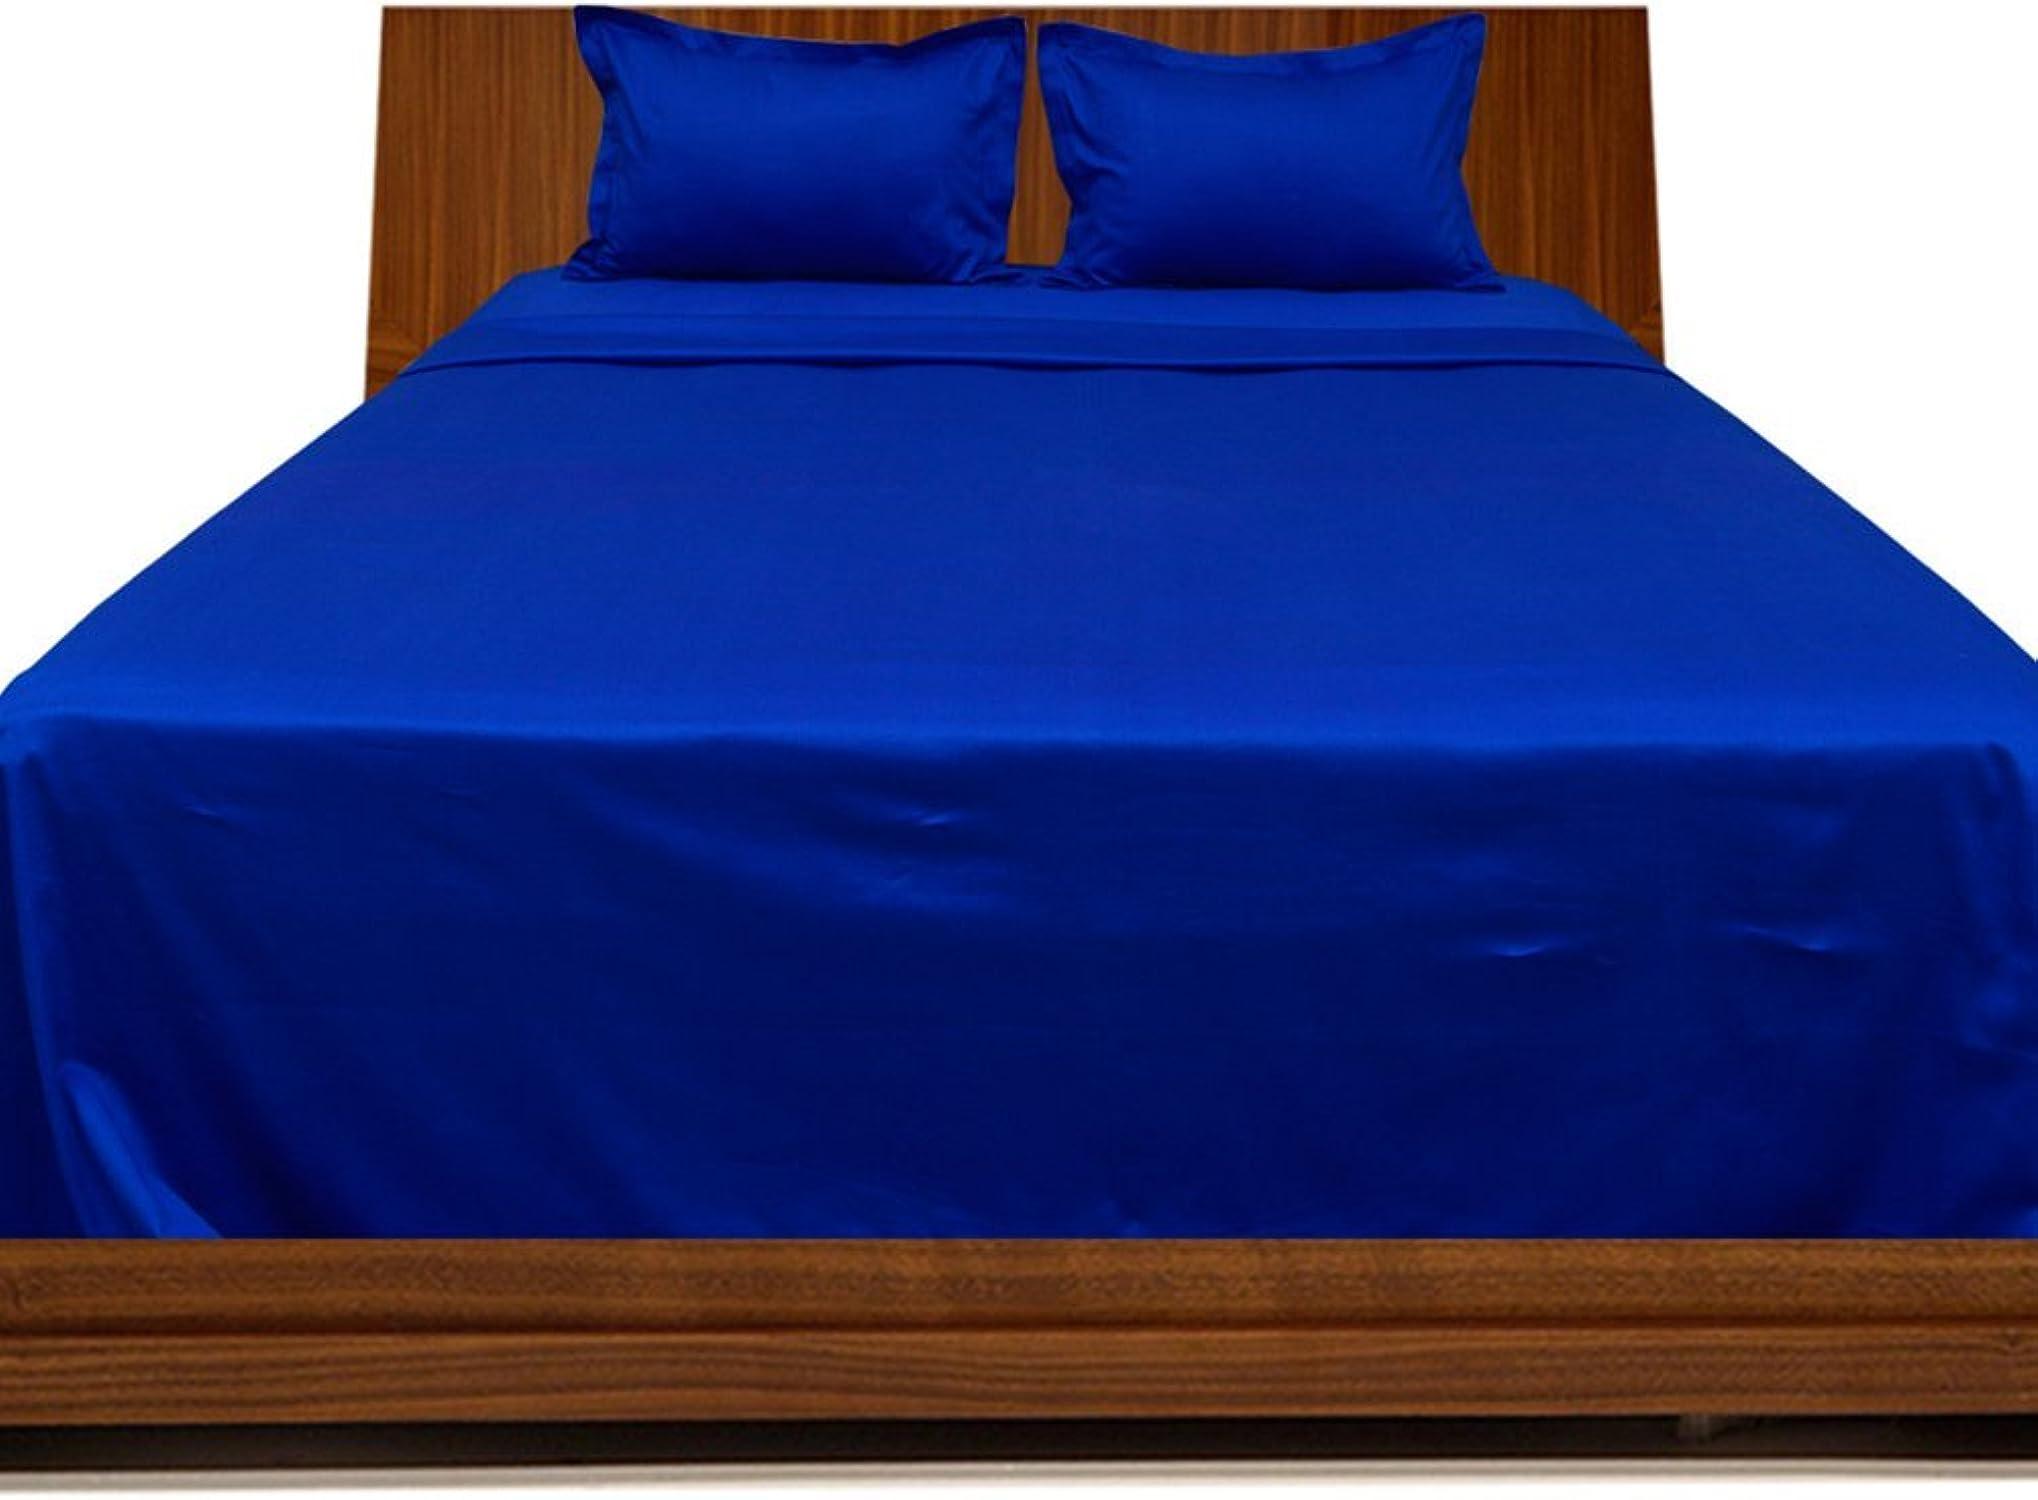 Laxlinens 300fils en coton égypcravaten 4pièces pour lit (+ 61cm) poche profonde suppléHommestaire UK simple, bleu royal bleu égypcravaten massif